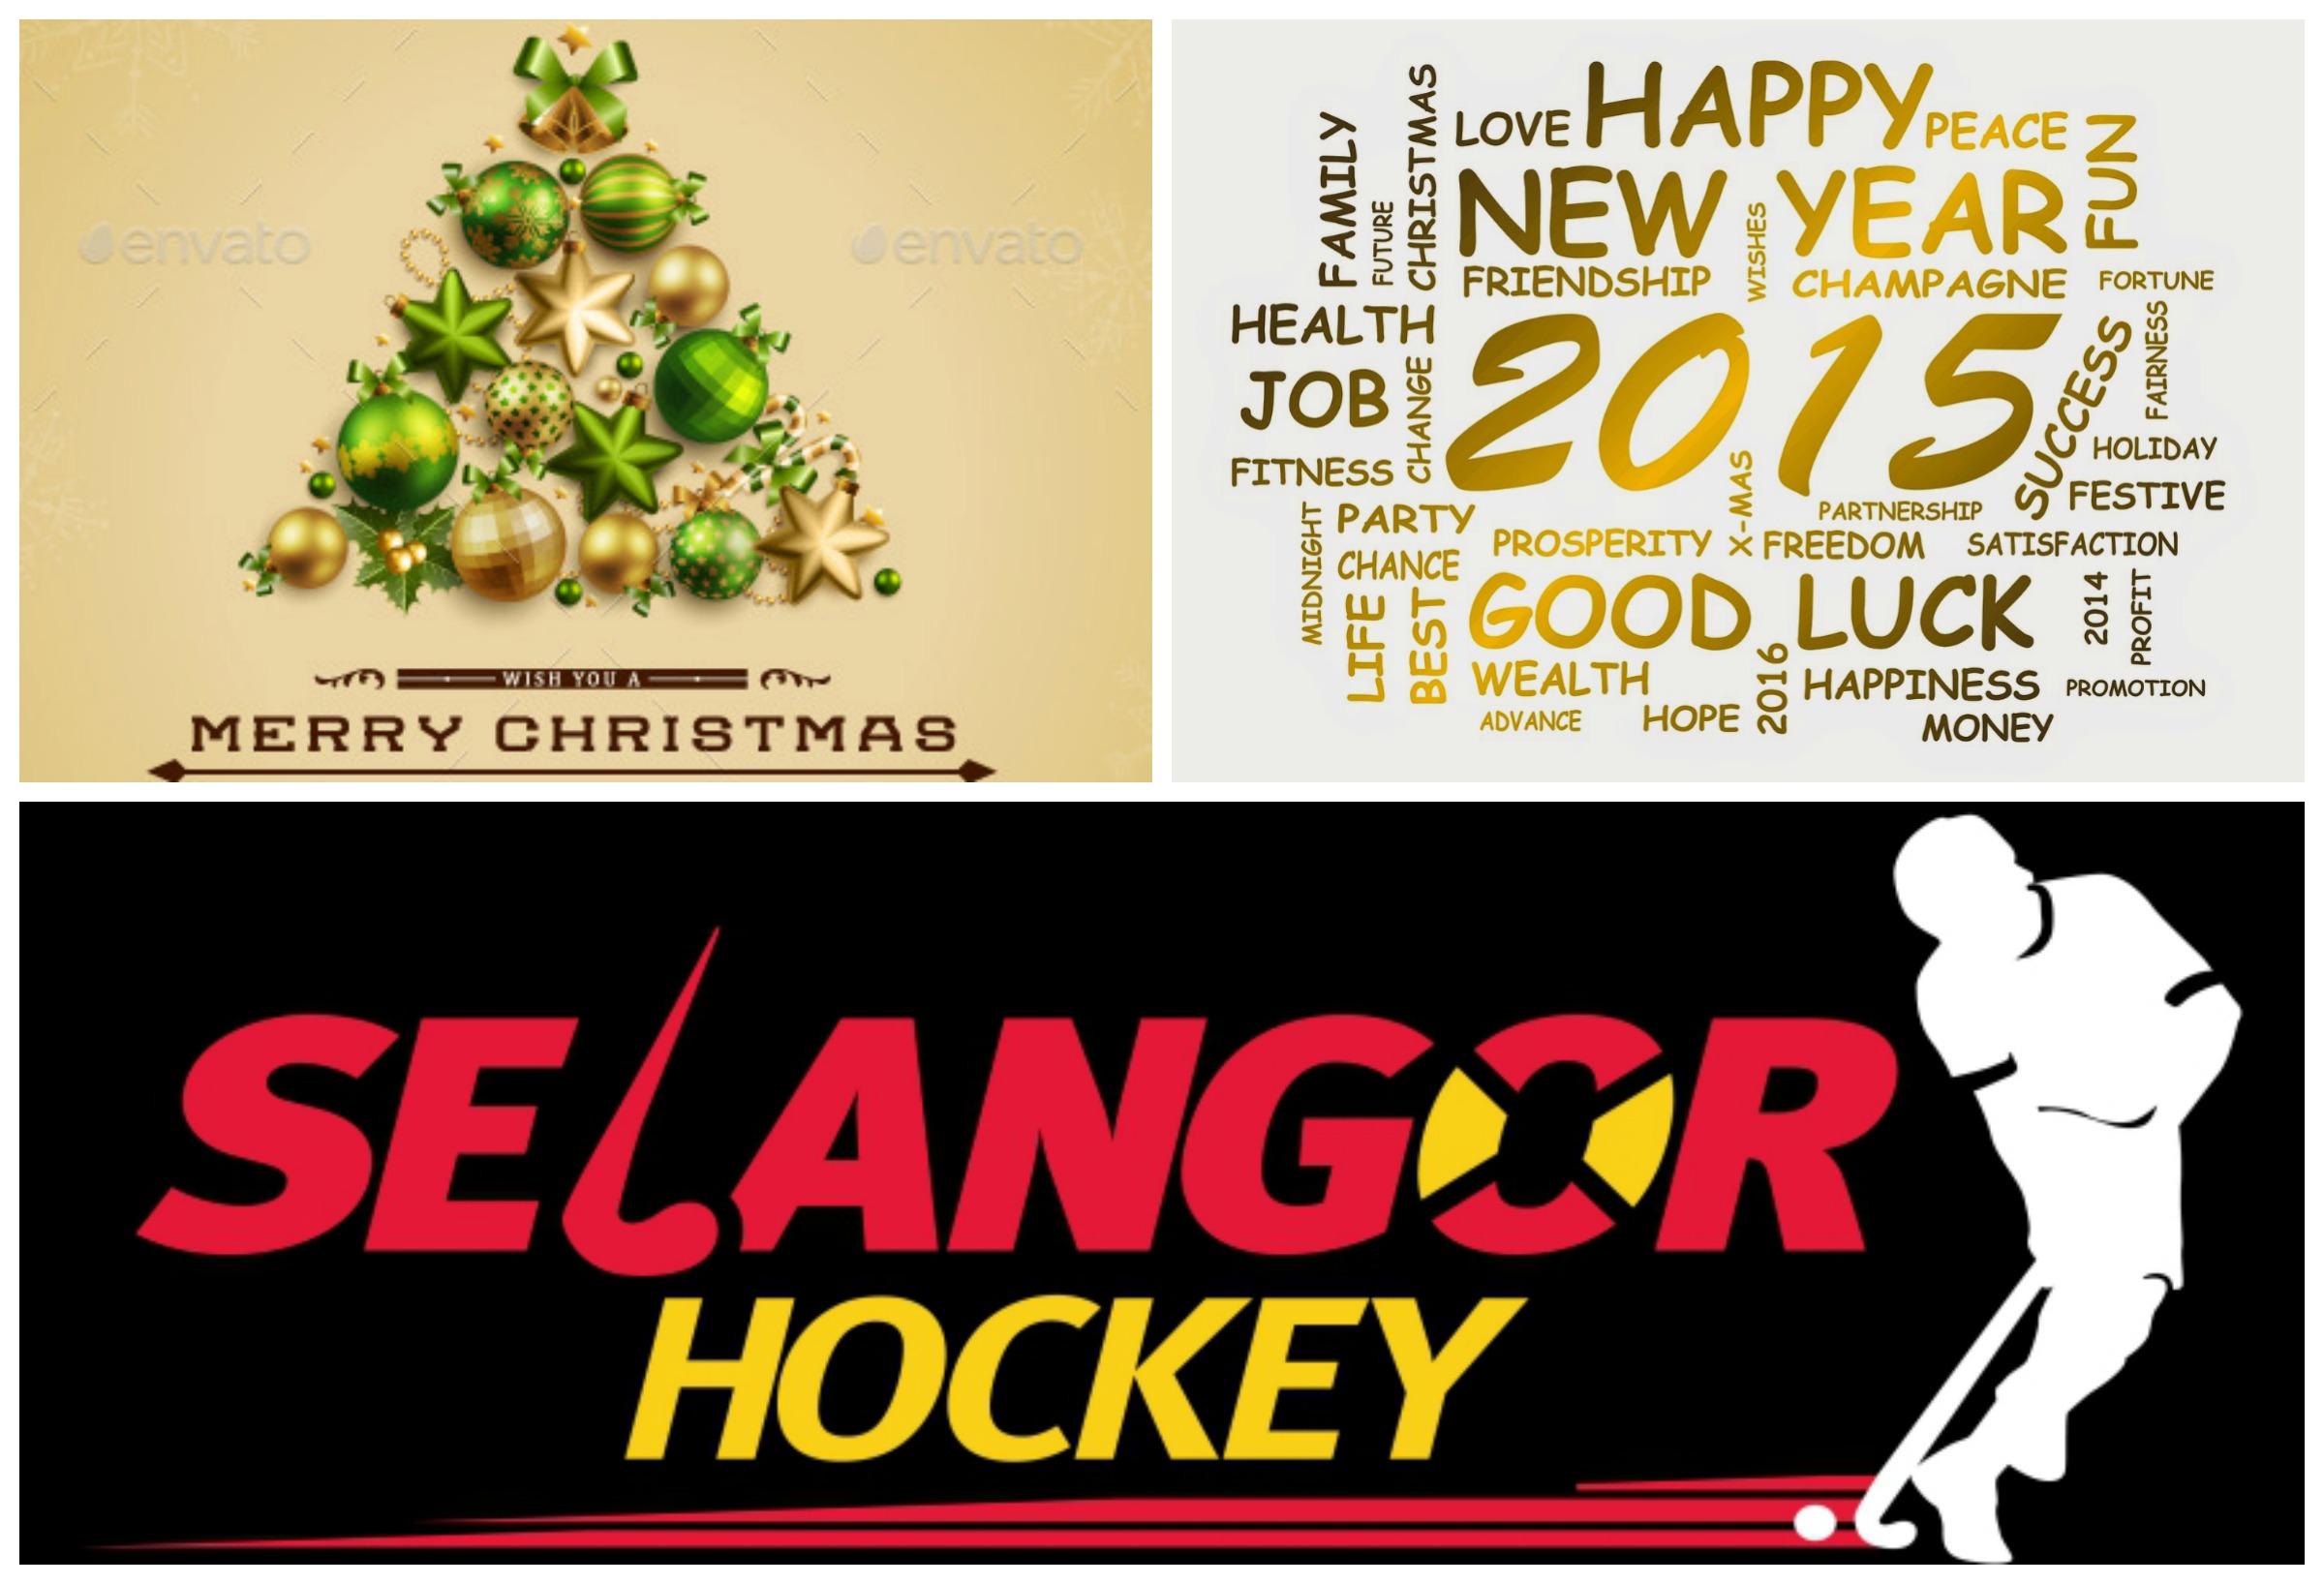 Selangor Hockey 2015 Greetings2